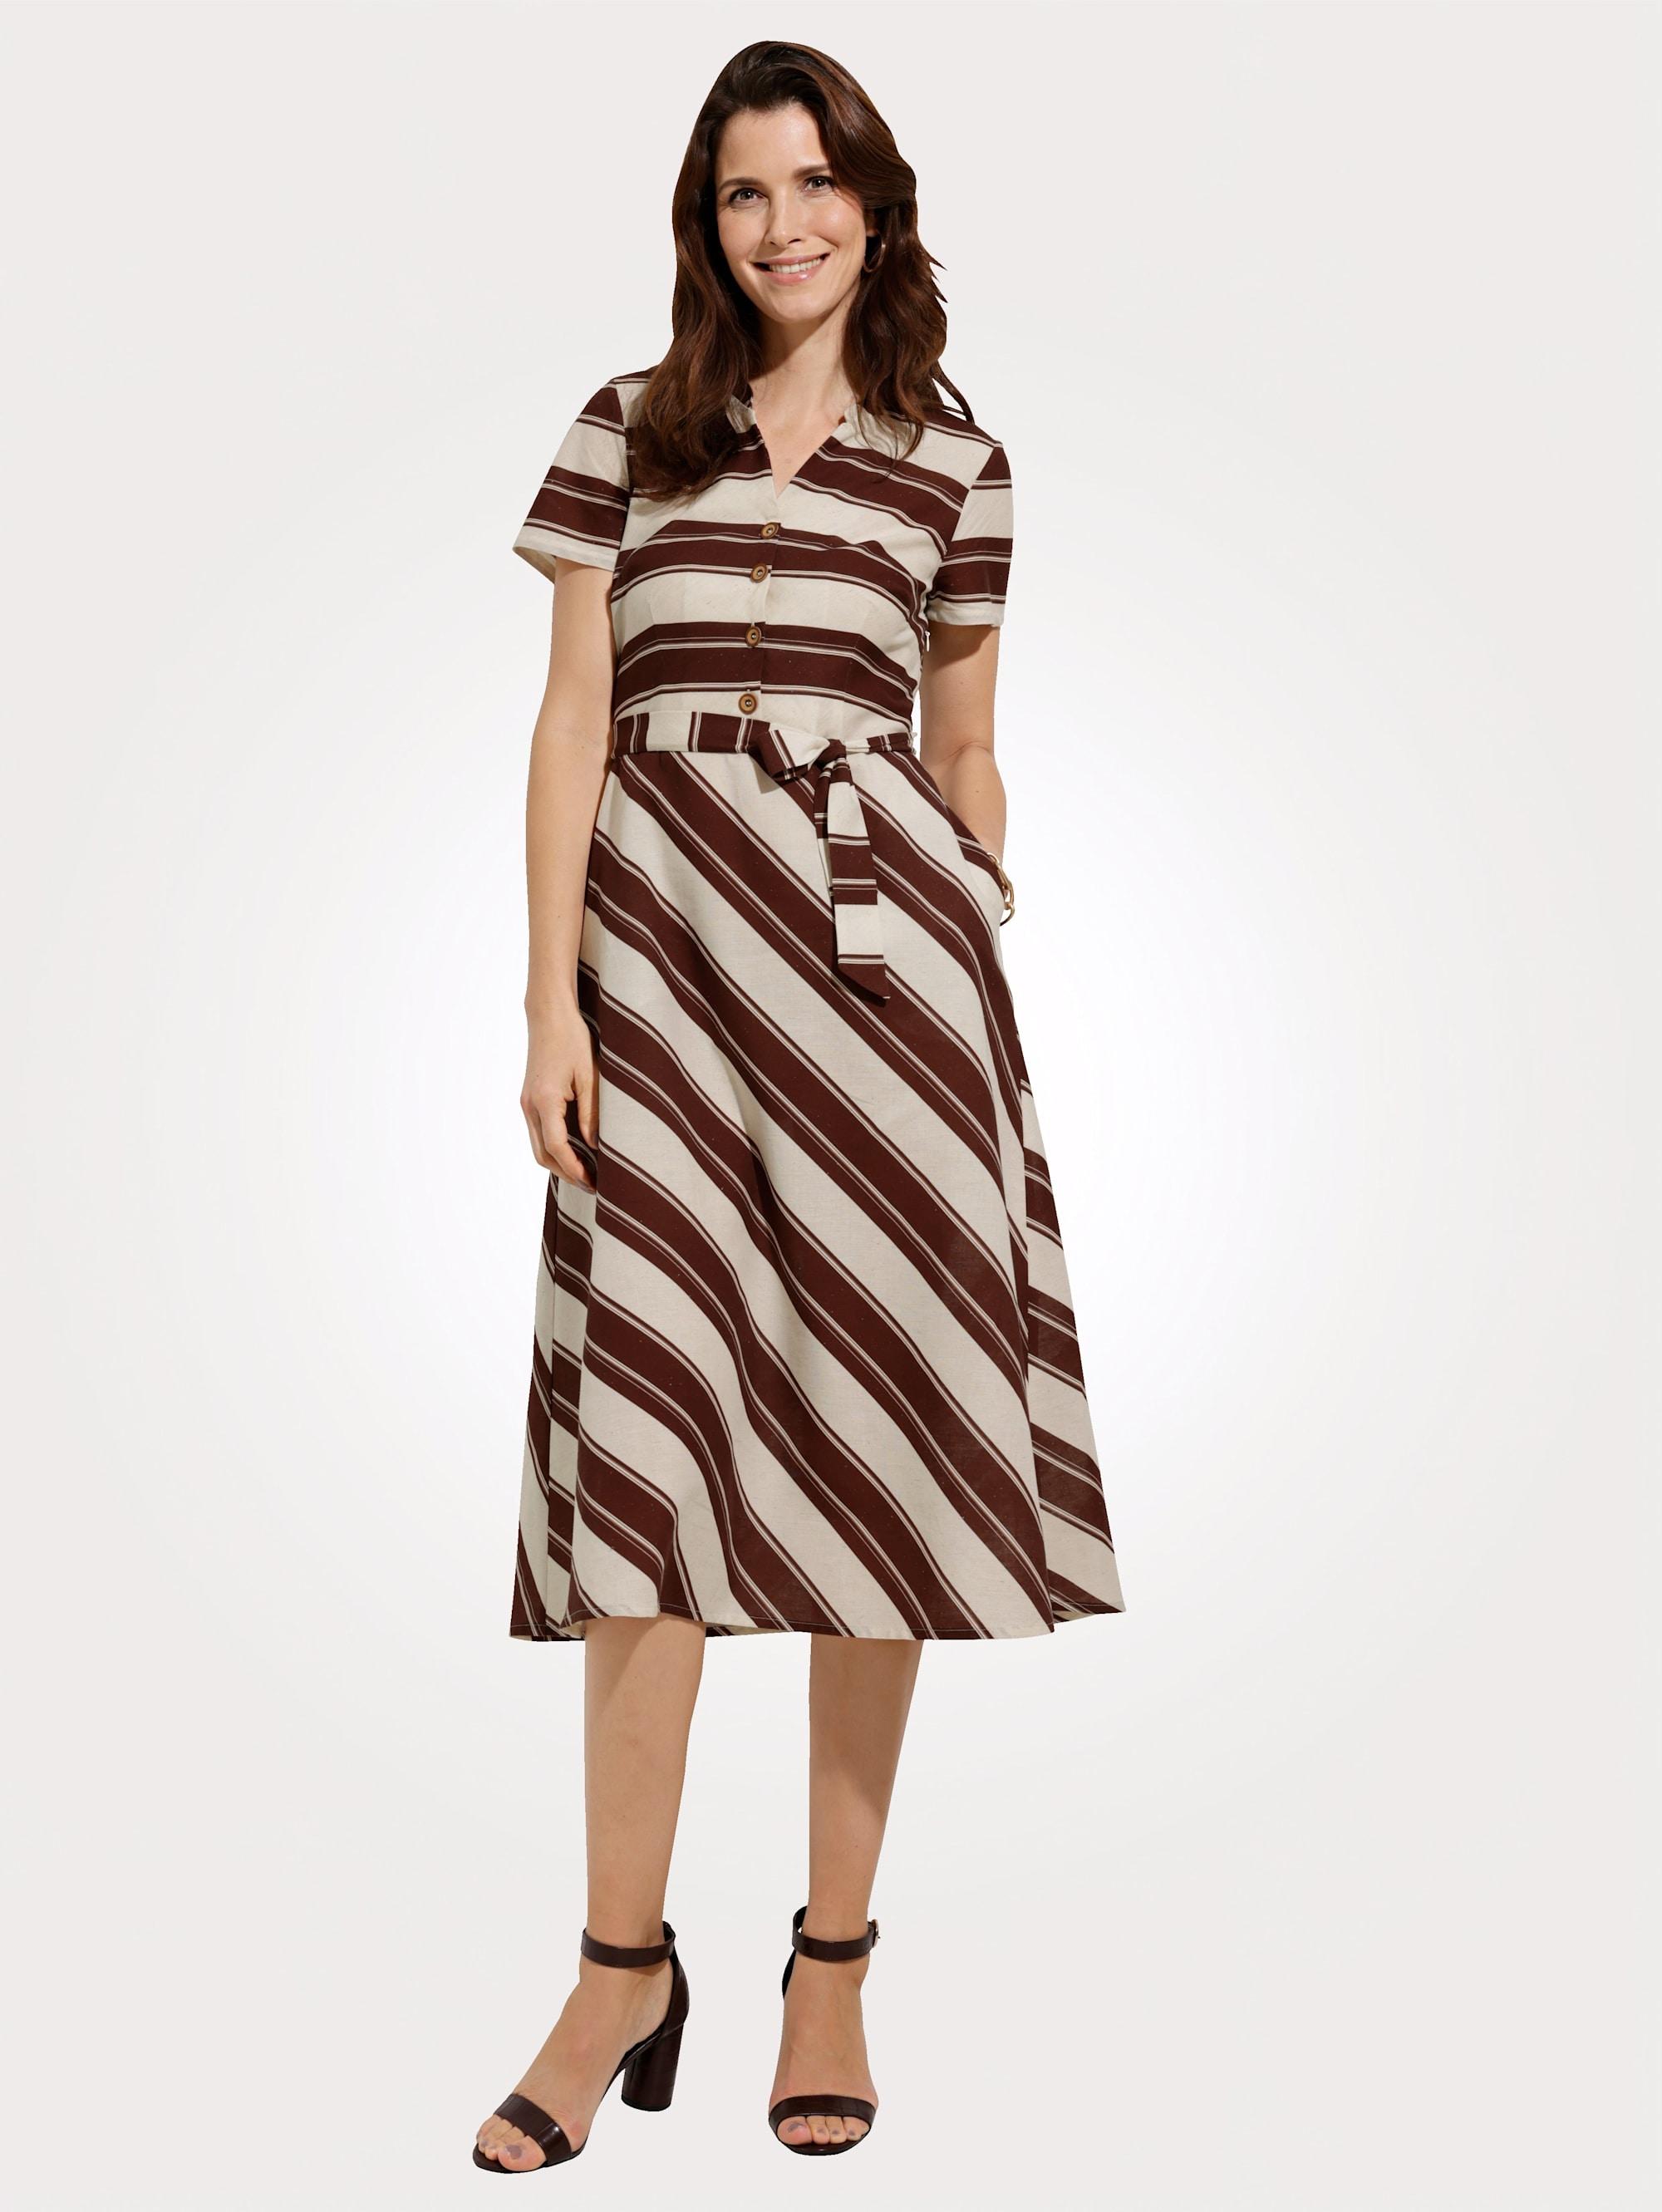 mona -  Hemdblusenkleid, aus angenehmer Baumwoll-Leinen-Mischung